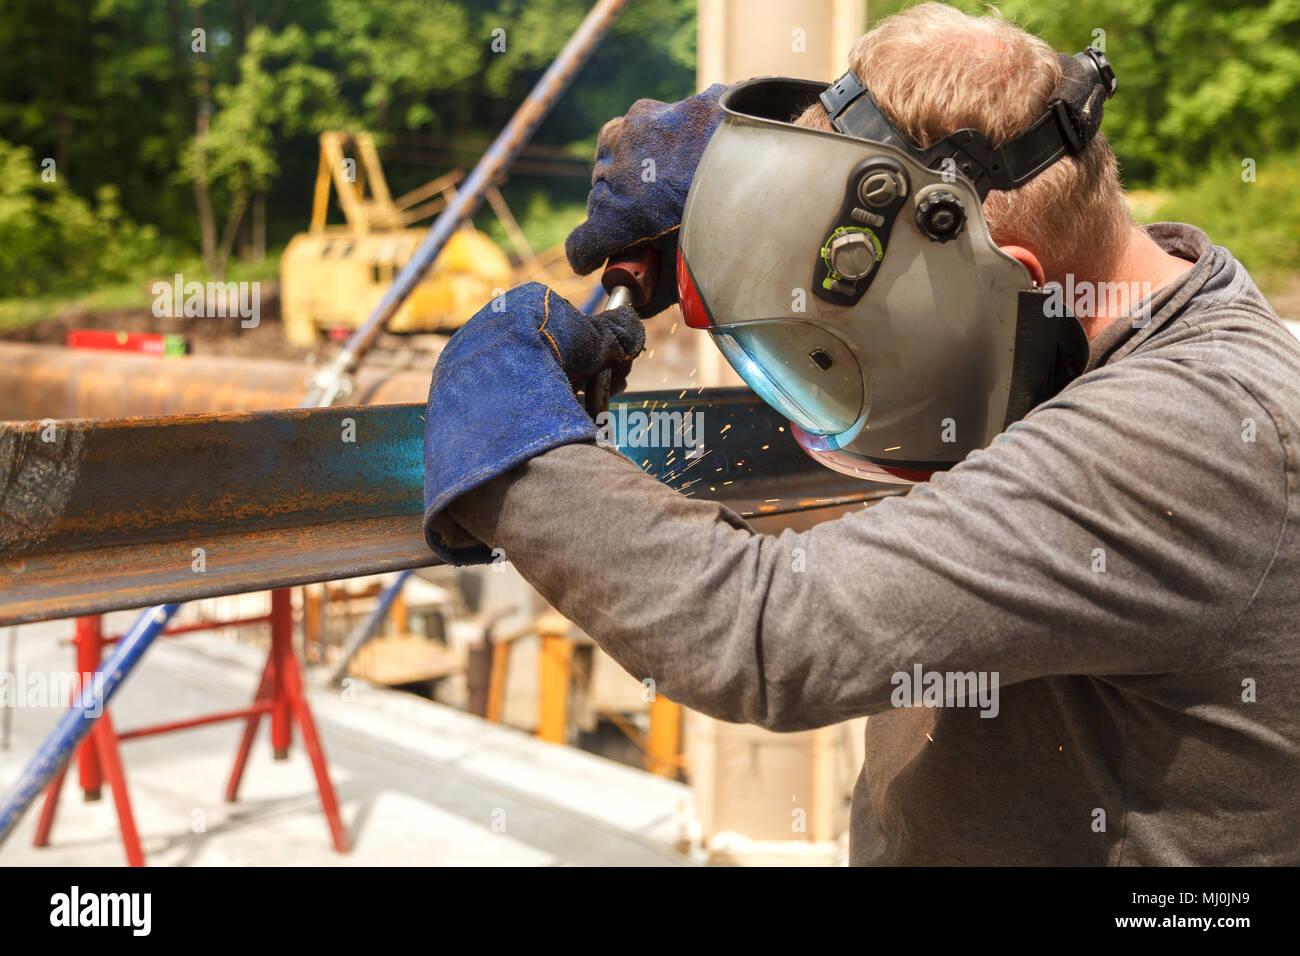 Travaux de soudure soudure soudeur, matériaux métalliques dans l'industrie lourde, fabrication de clip vidéo Banque D'Images